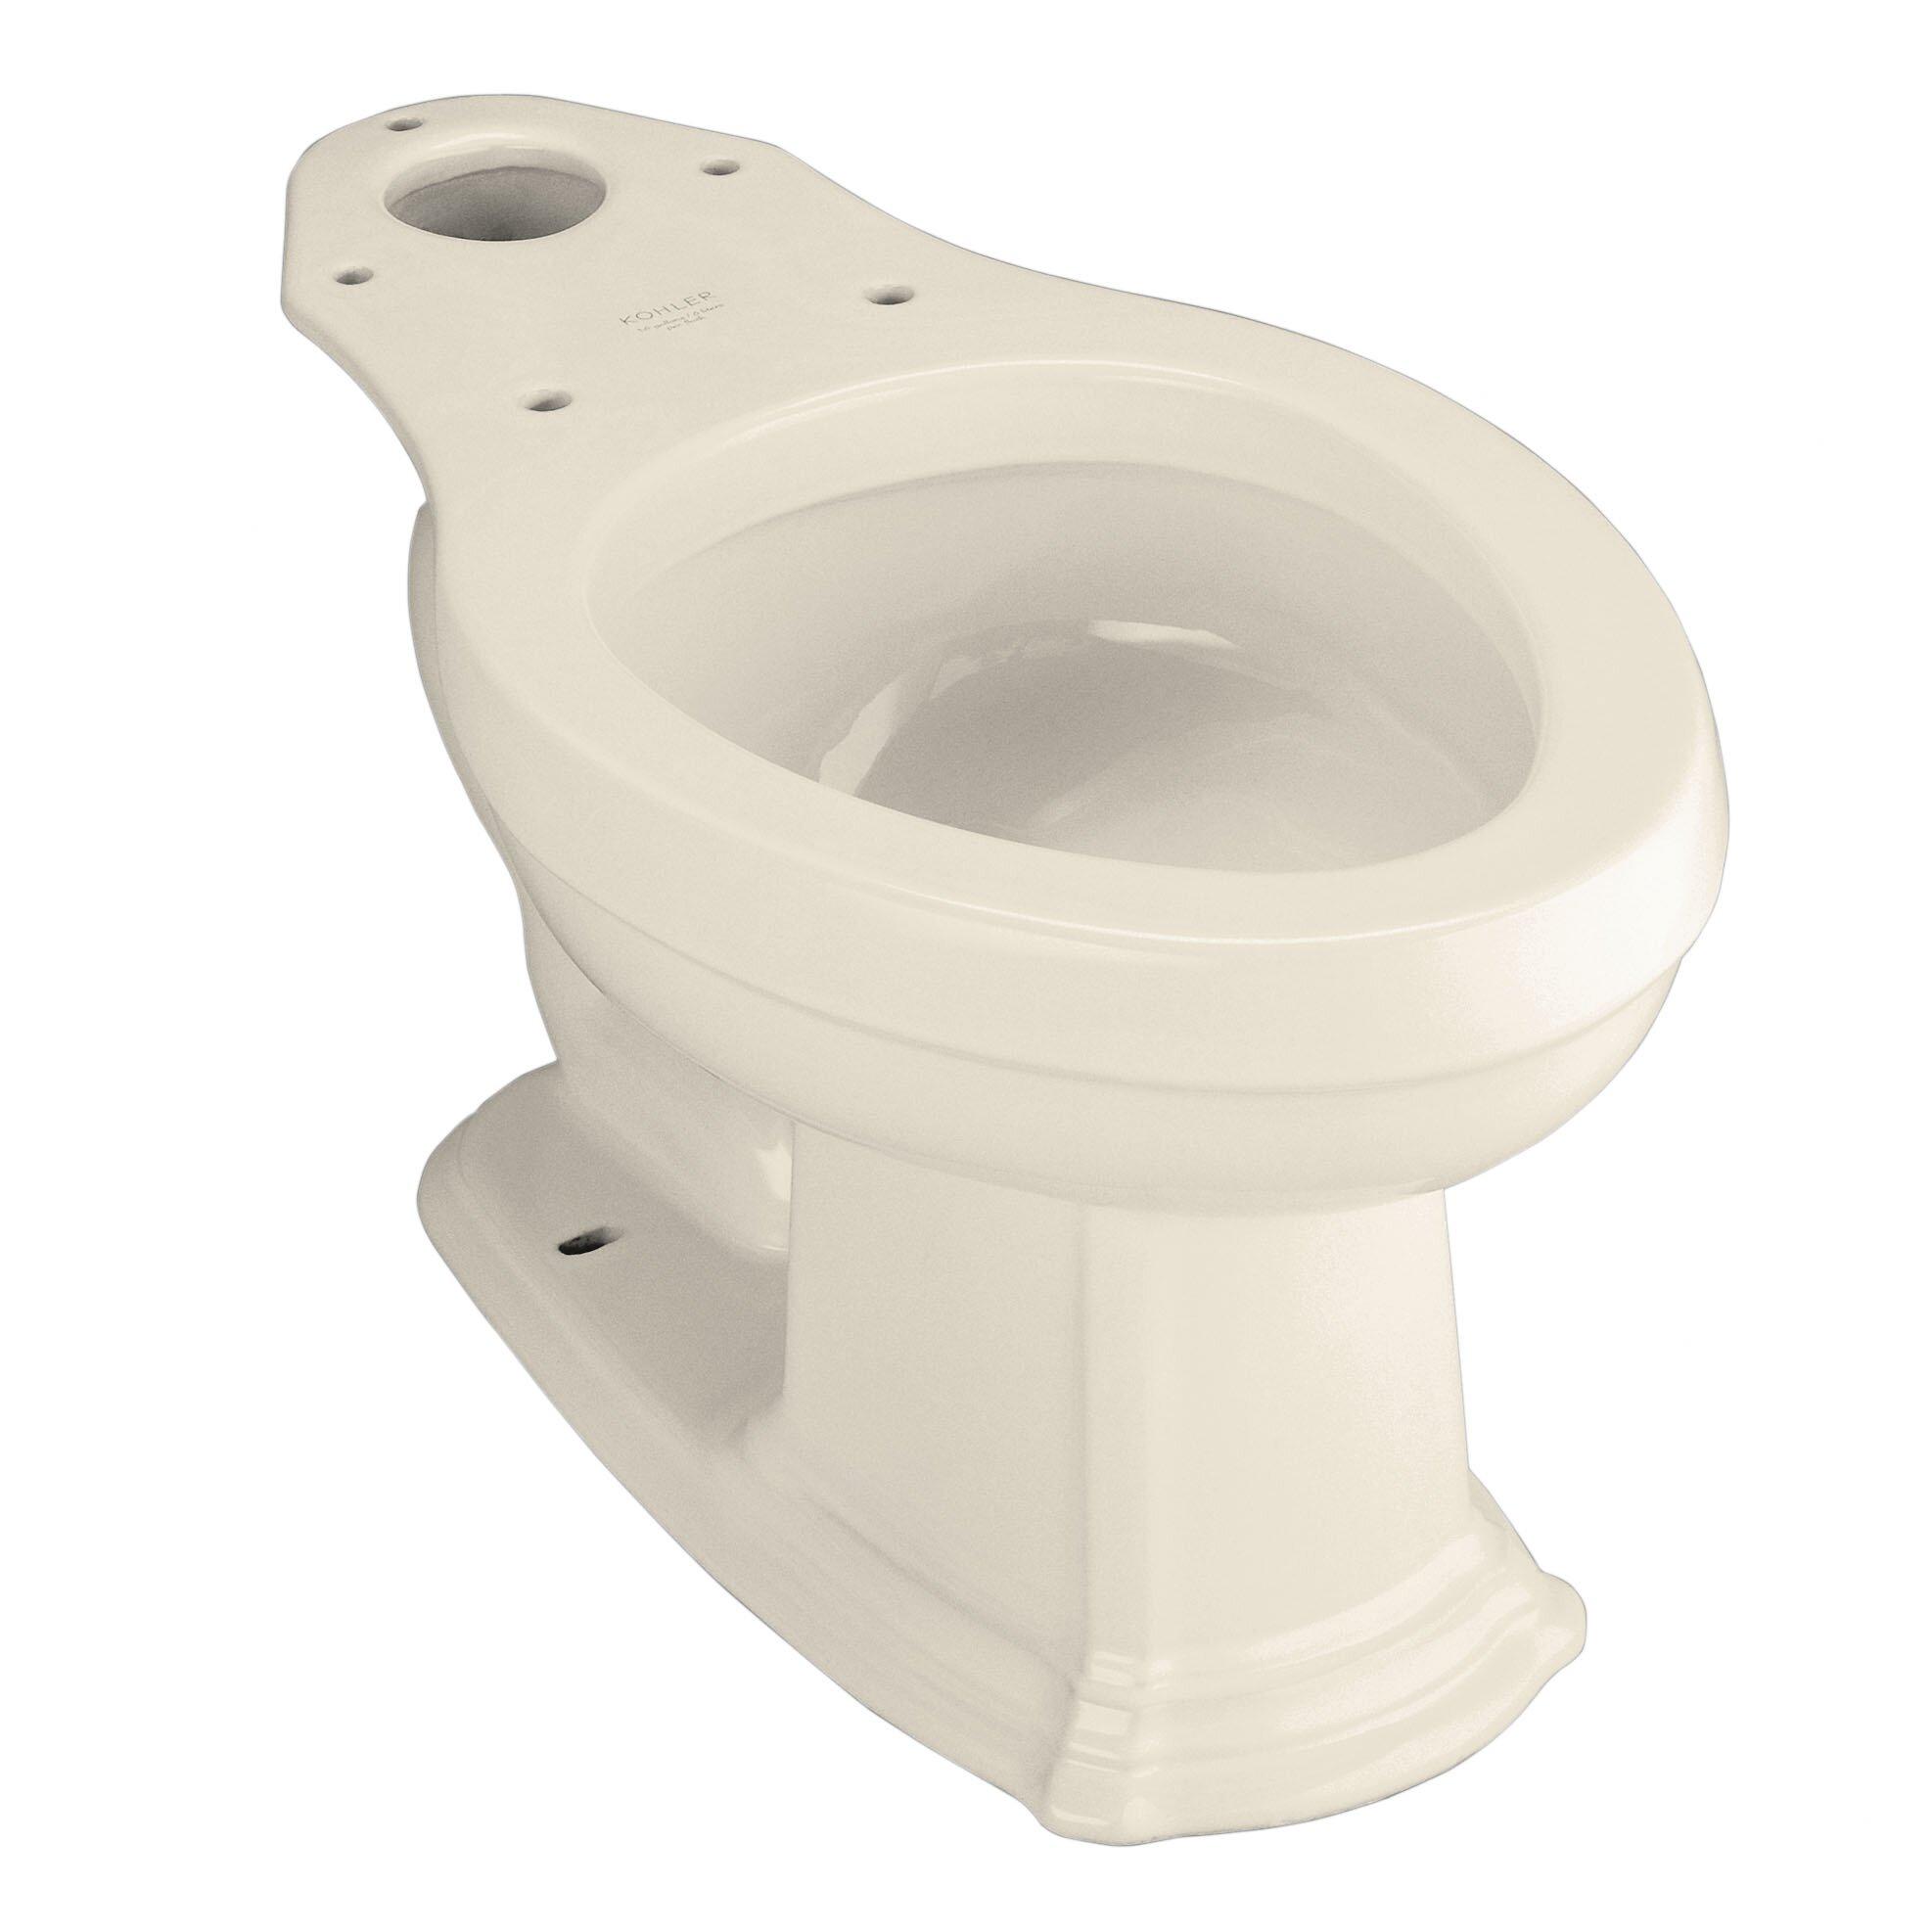 Kohler Portrait Elongated Toilet Bowl Less Seat Amp Reviews